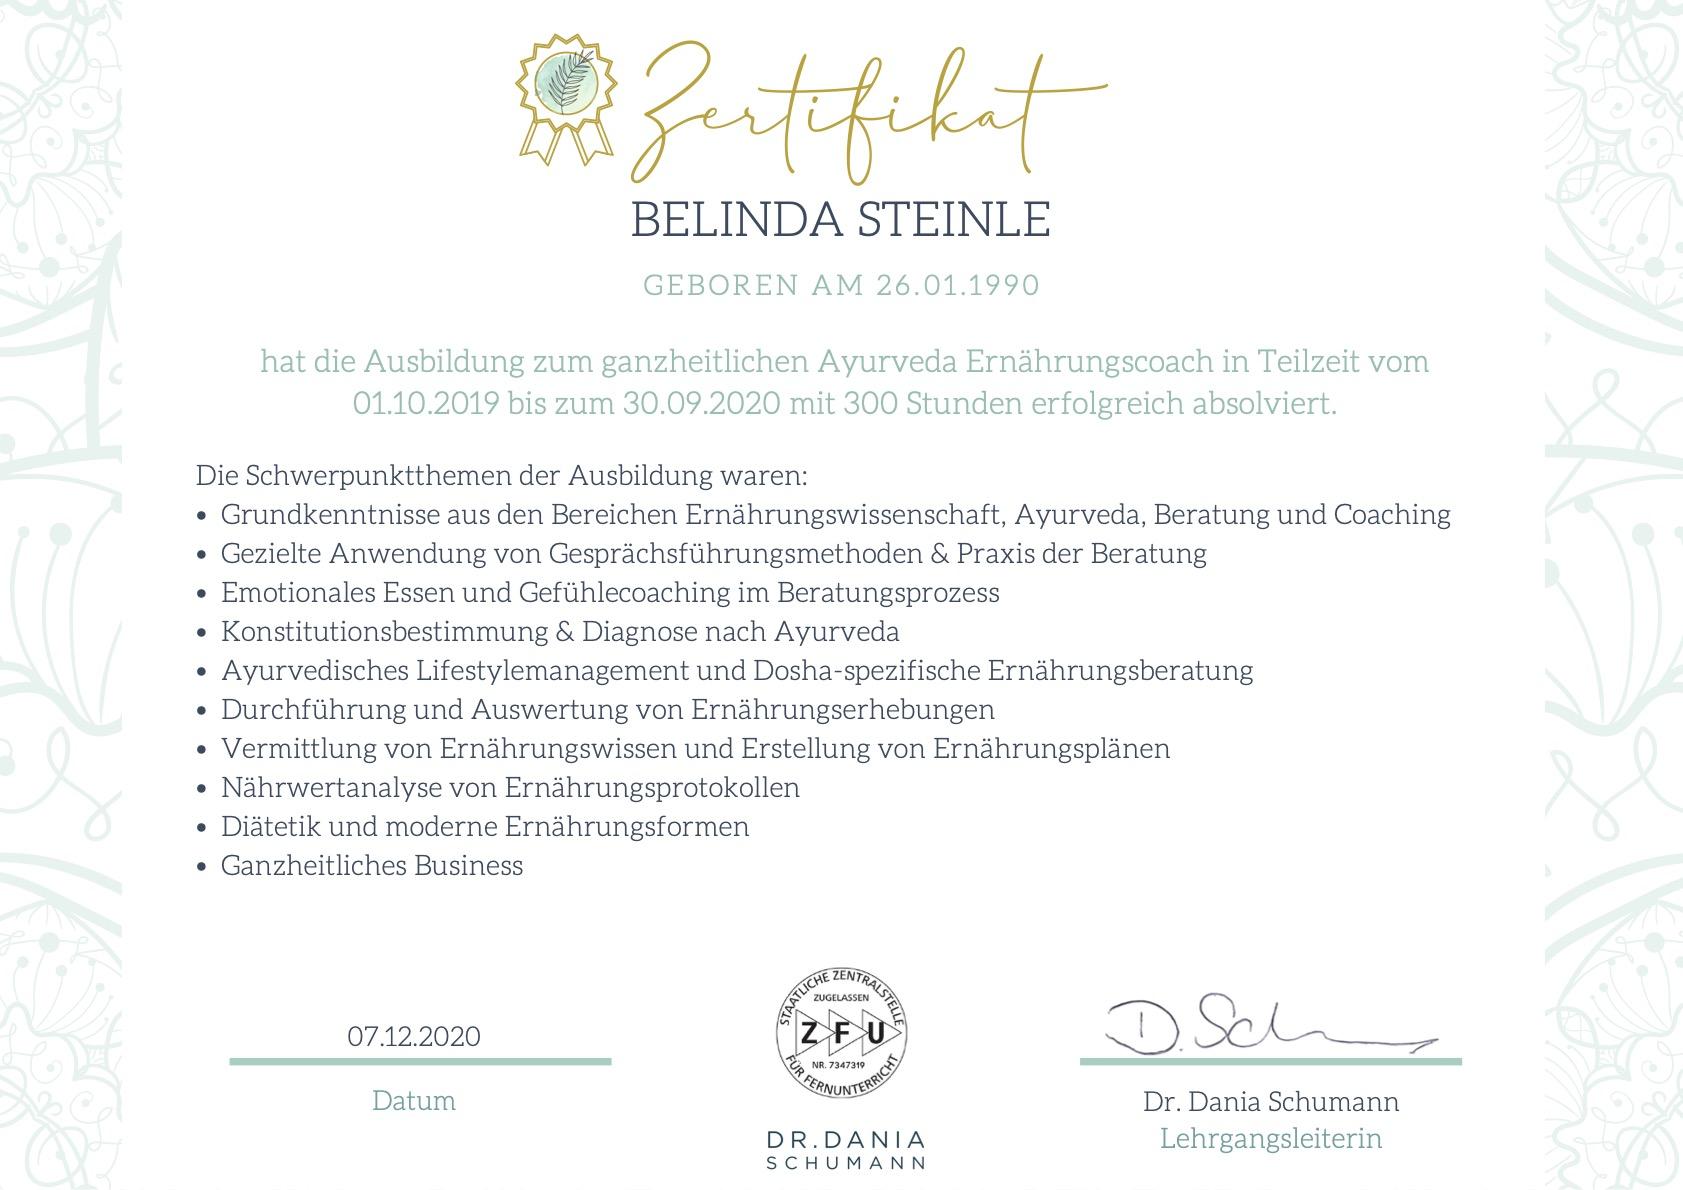 Zertifikat zum ganzheitlichen Ayurveda Ernährungscoach